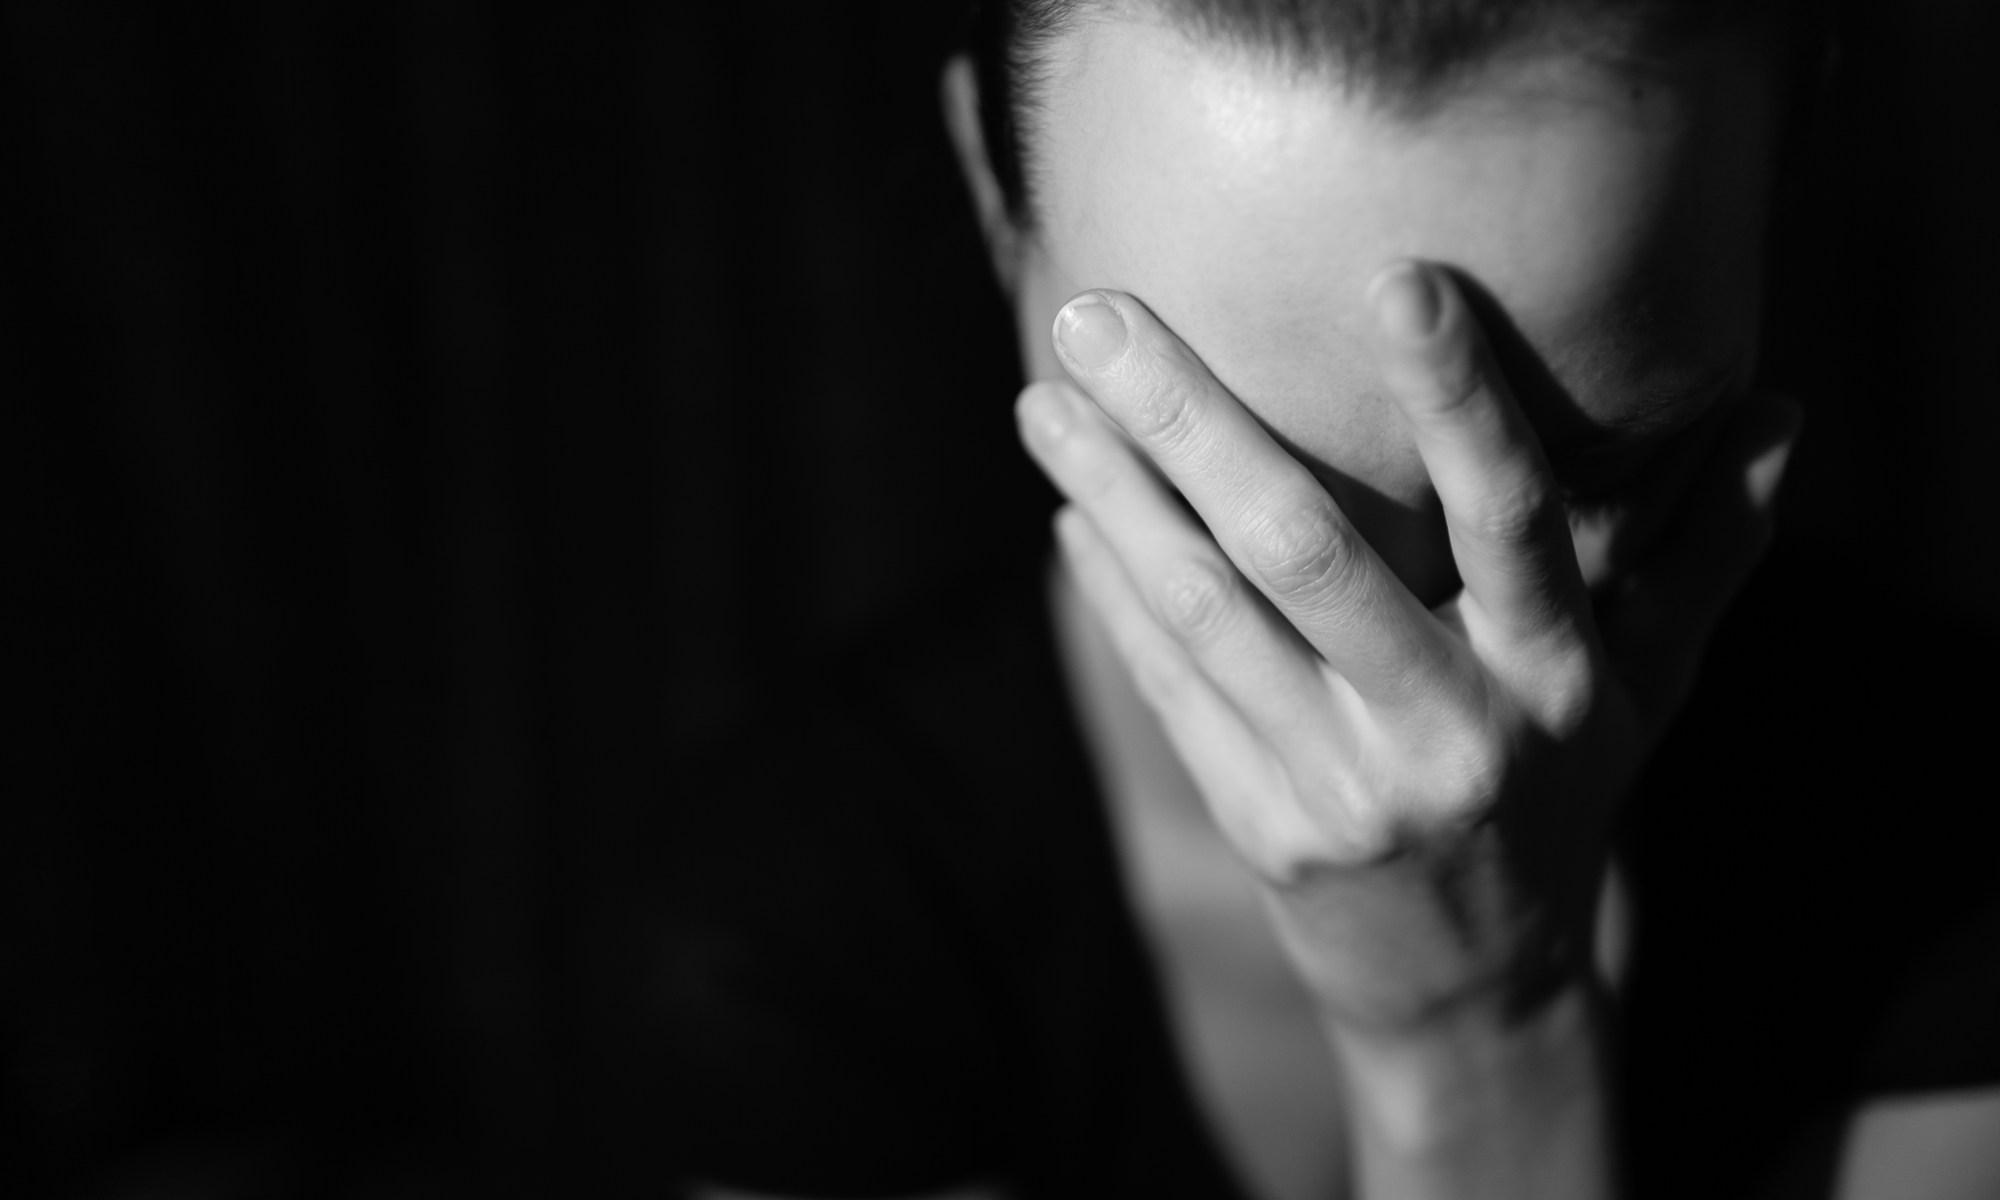 Tribunal Federal sostiene veredicto en caso de daños emocionales, otorgando $125,000 a demandantes